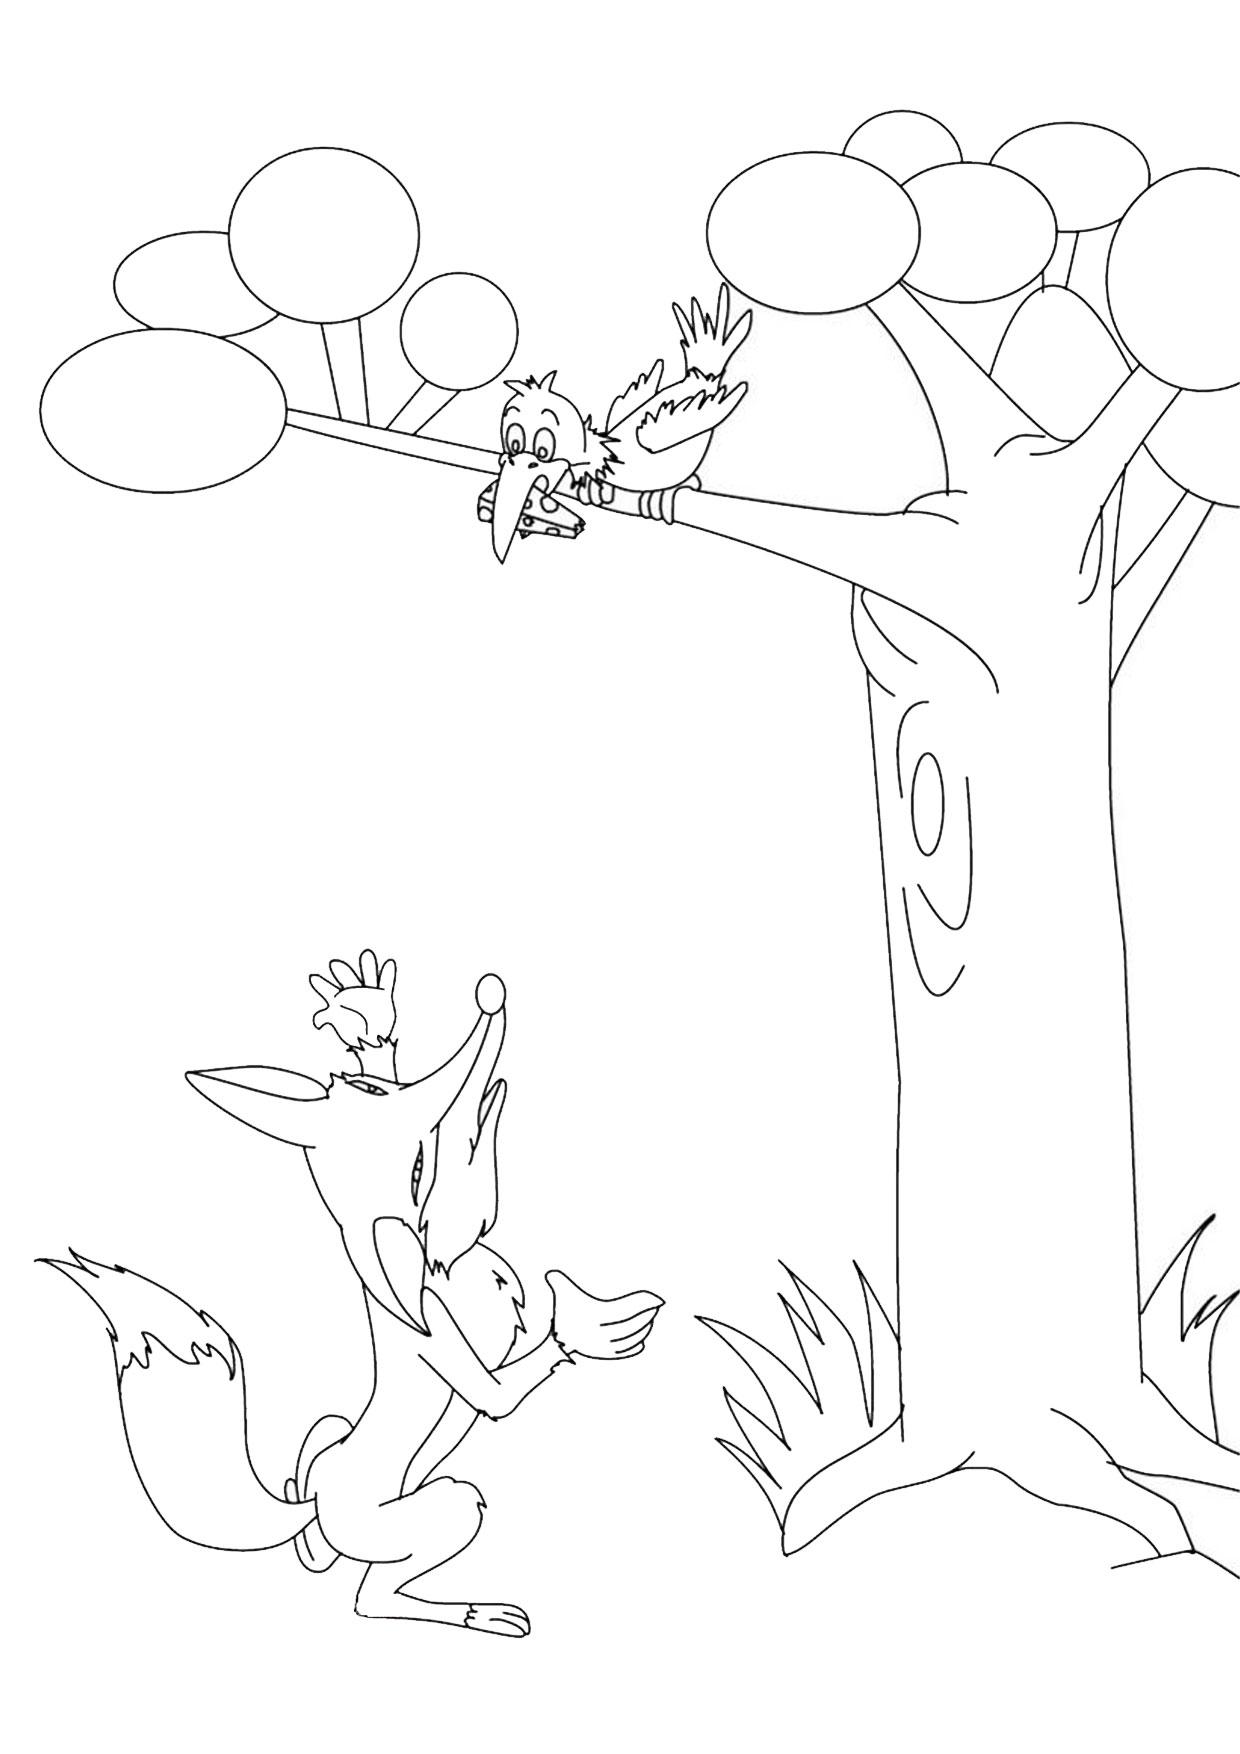 Disegno di volpe cartoon da colorare 11